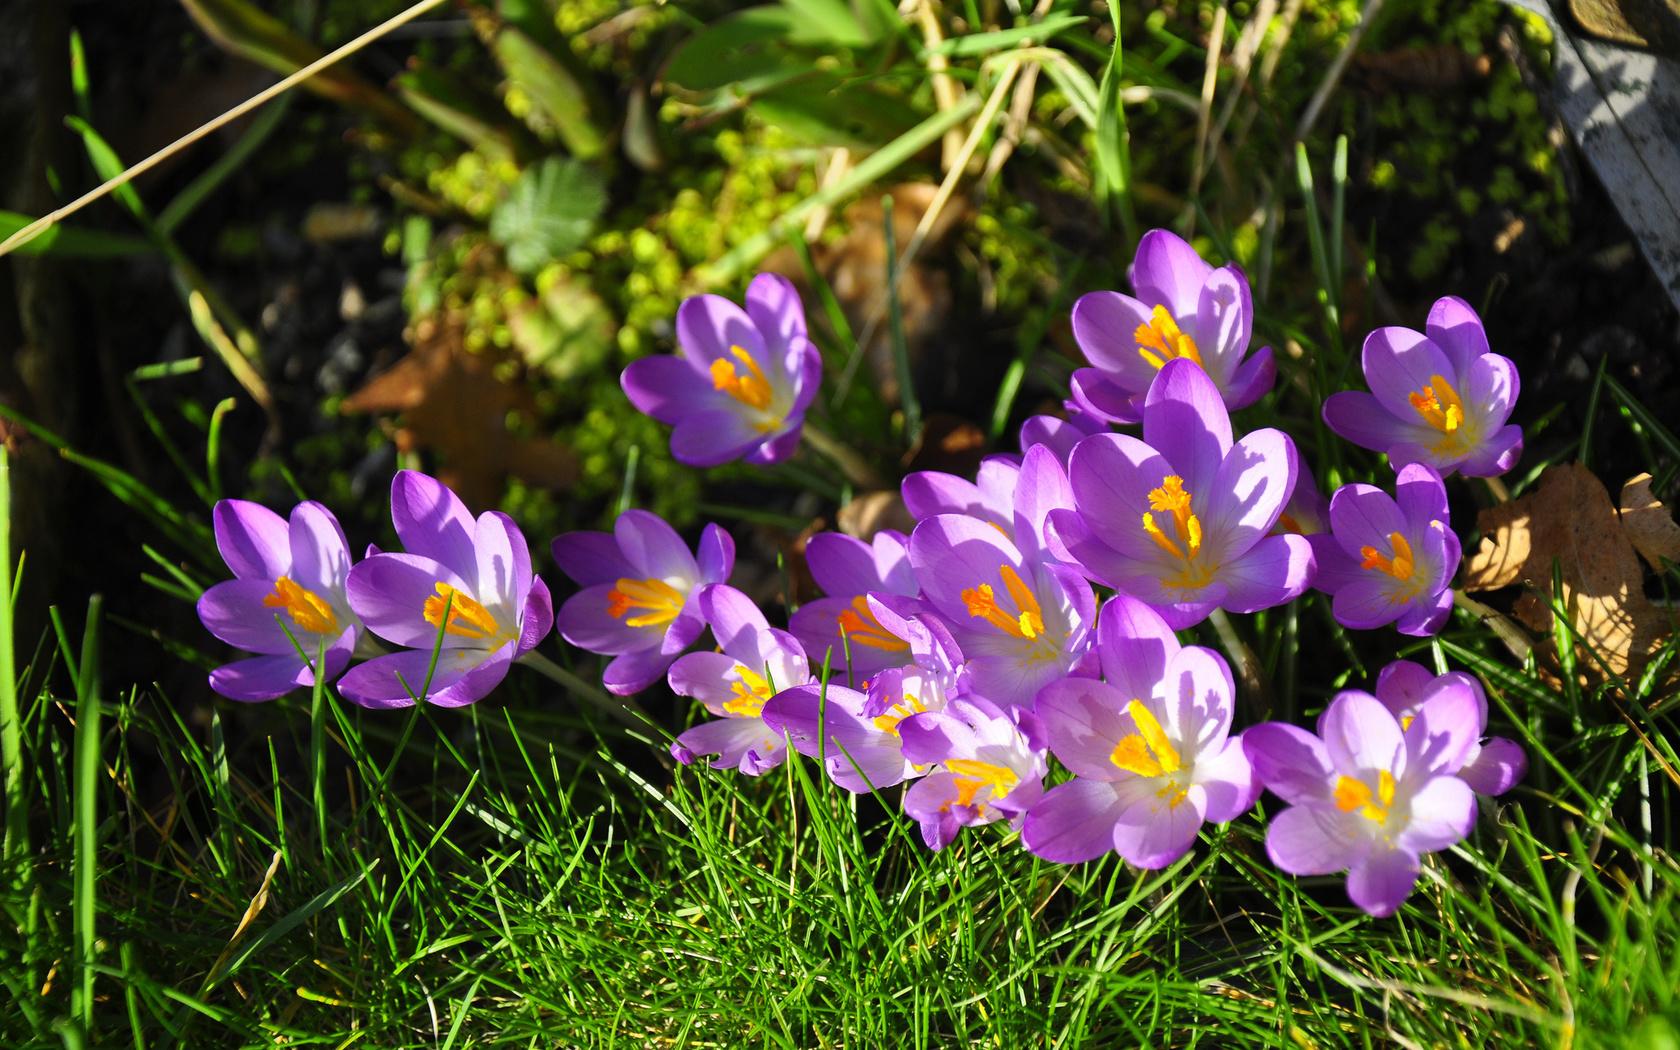 Обои картинки фото весны цветы весенние